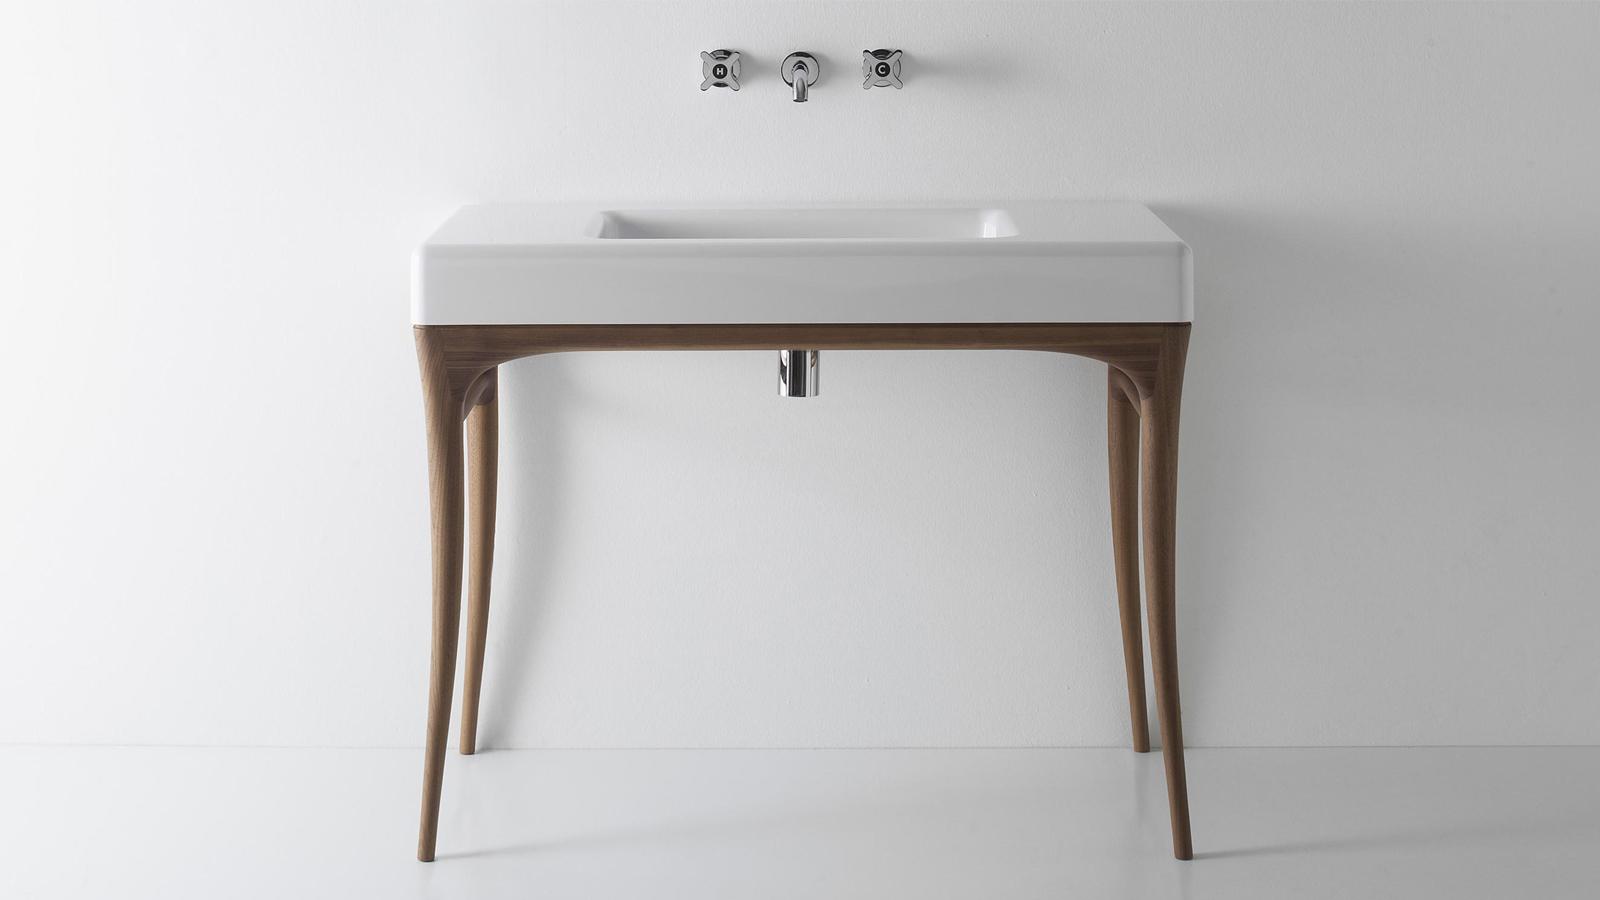 Az antoniolupi többi termékével ellentétben az Ilbagno sorozatot nem a minimalizmus jellemzi: ezek a tárgyak kifejezetten archaizáló, múltat idéző darabok, melyek a vállalat több évtizedes története előtt tisztelegnek. Romantika, kézművesség és a részletekre való mániákus odafigyelés, gyönyörű fa felületekkel ötvözve – az Ilbagno darabok, mint például ez a szekrény, valódi remekművek.